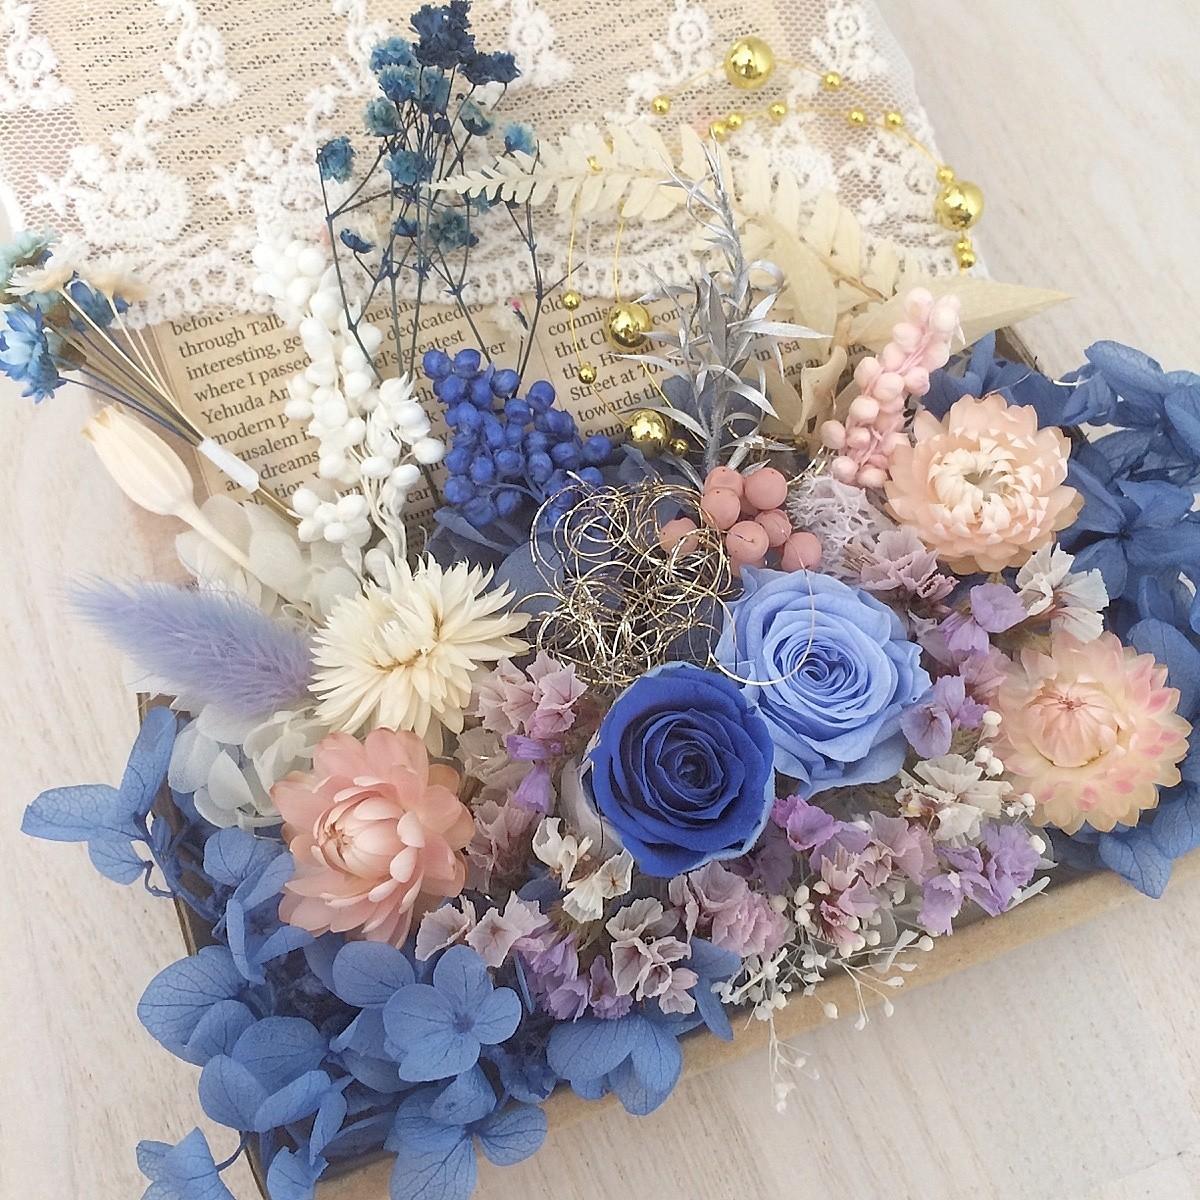 花材18 貝細工 ドライフラワー プリザーブドフラワー ハーバリウム花材